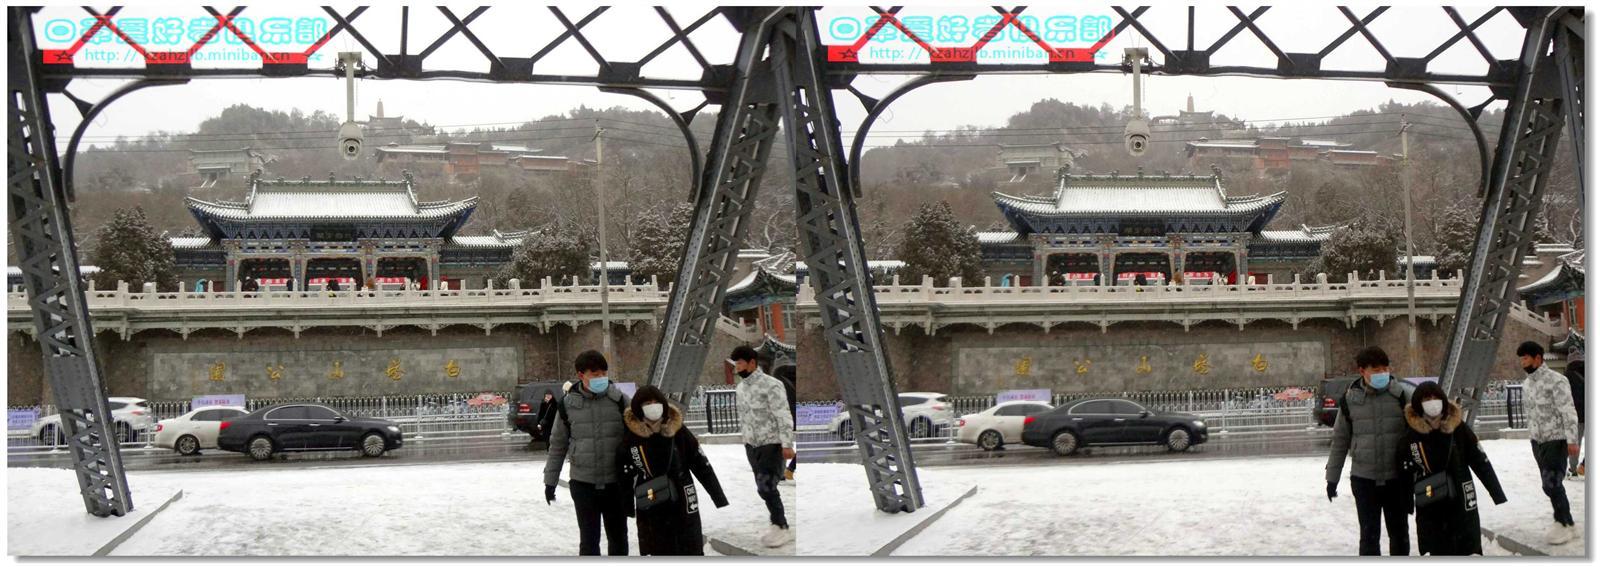 【原创】雪天走在铁桥上 -4